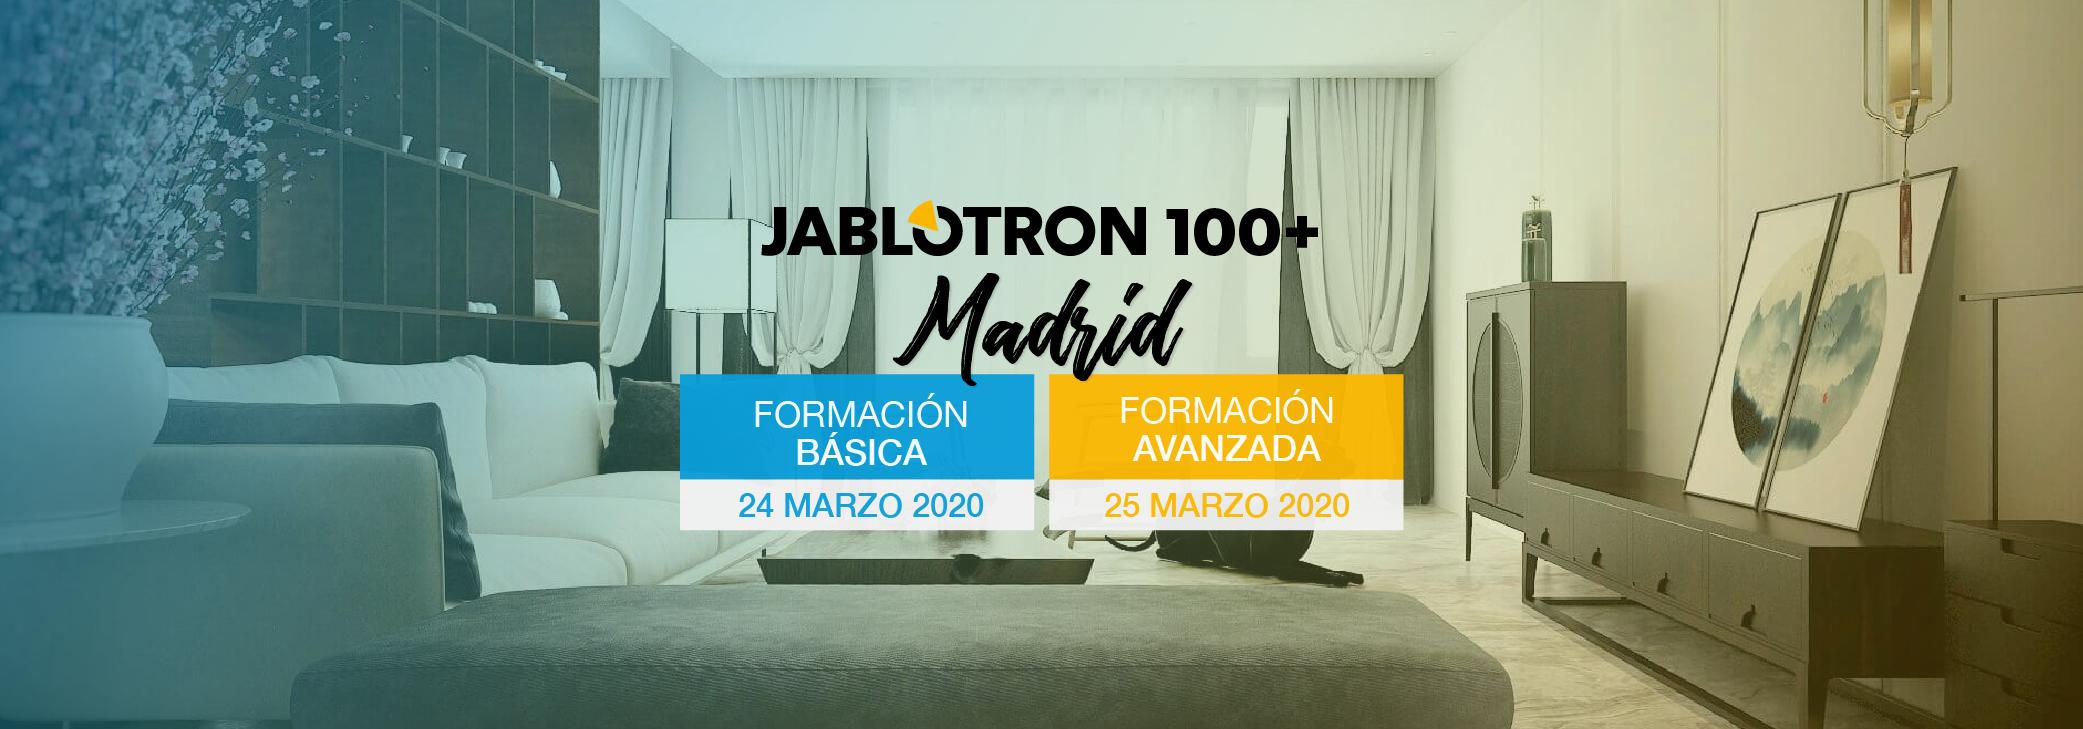 Formaciones Jablotron 100+ | Básica y Avanzada | Marzo.2020